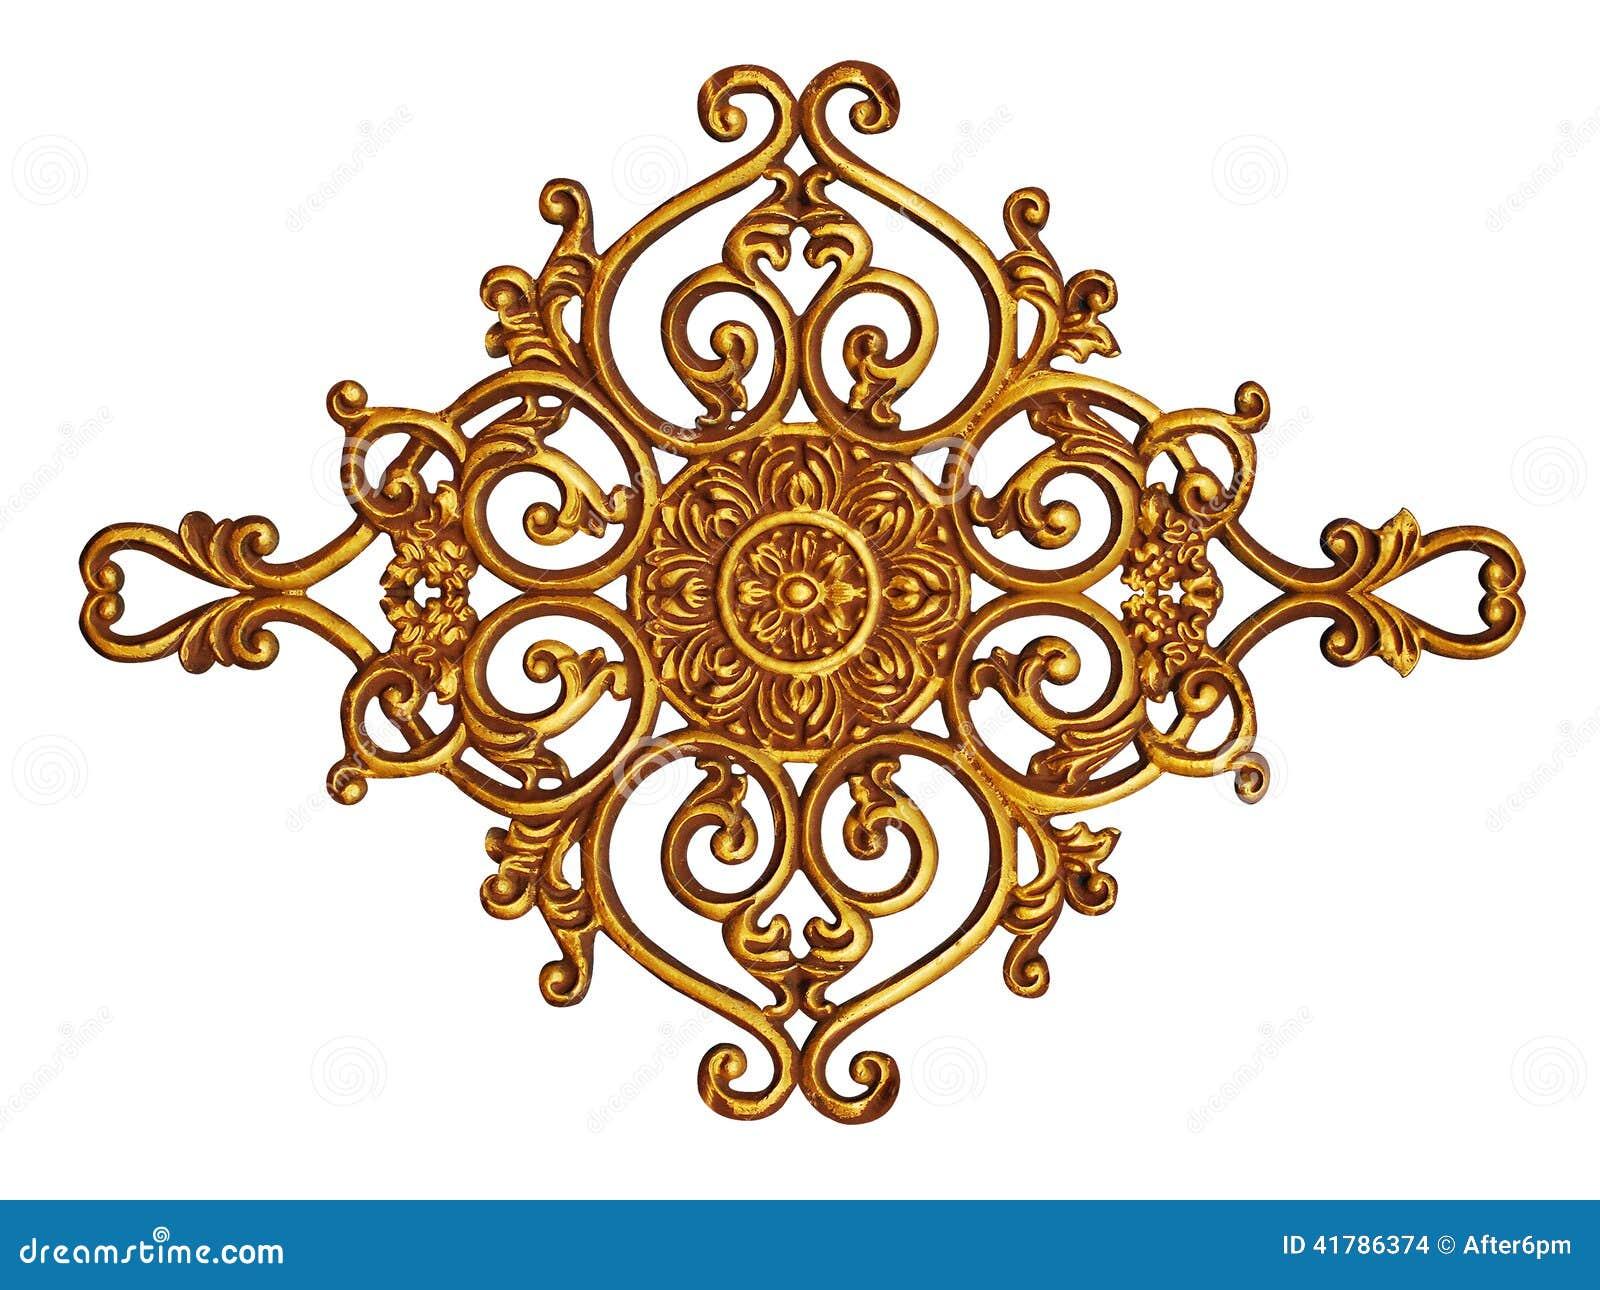 Ornamentelementen, uitstekende gouden bloemenontwerpen